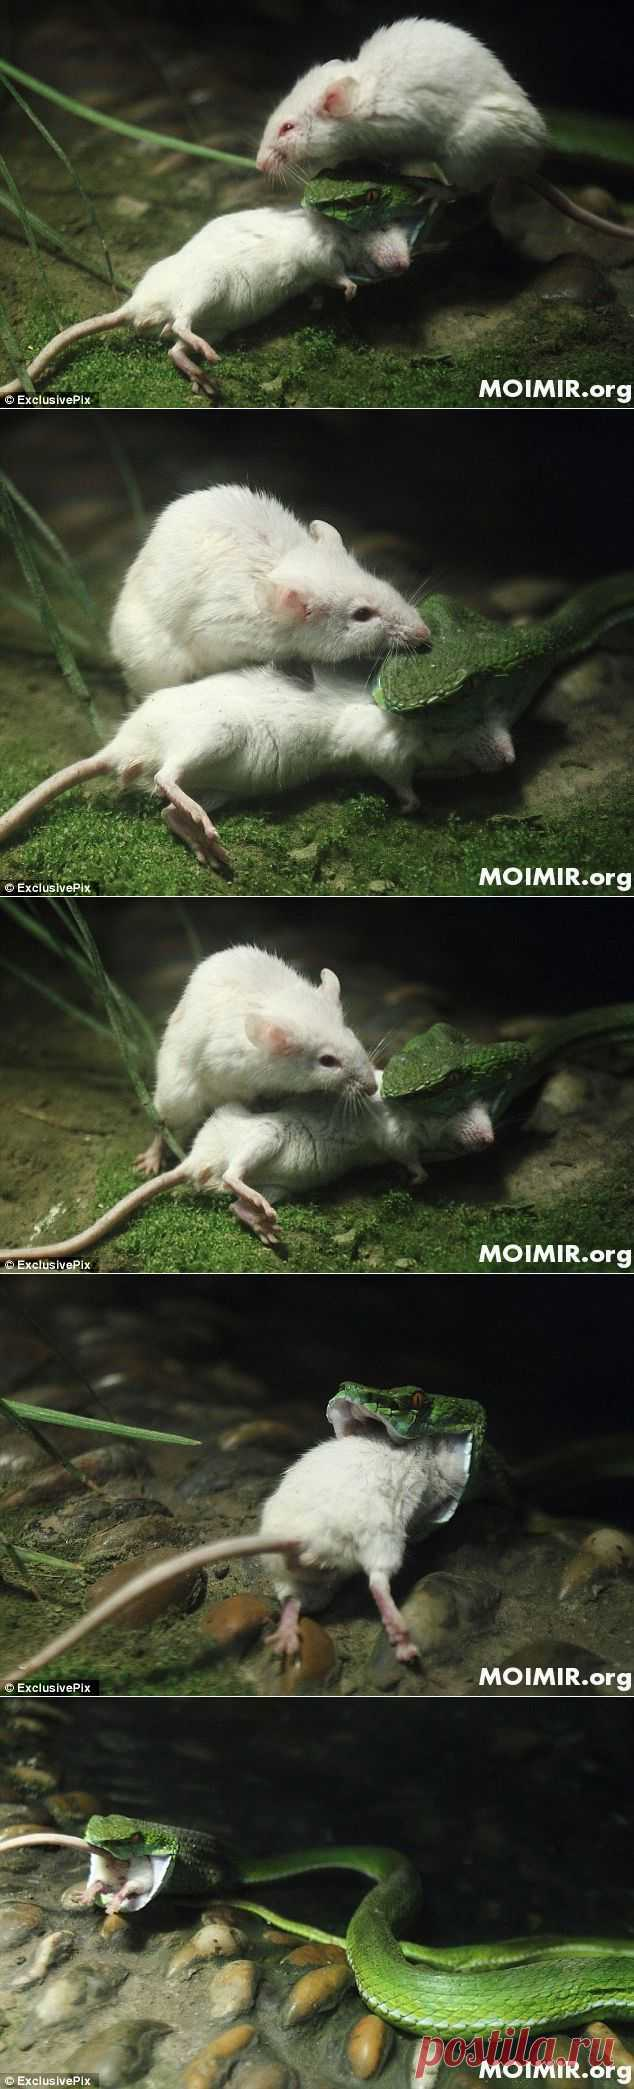 Трагедия в картинках. Храбрый маленький мышонок. |